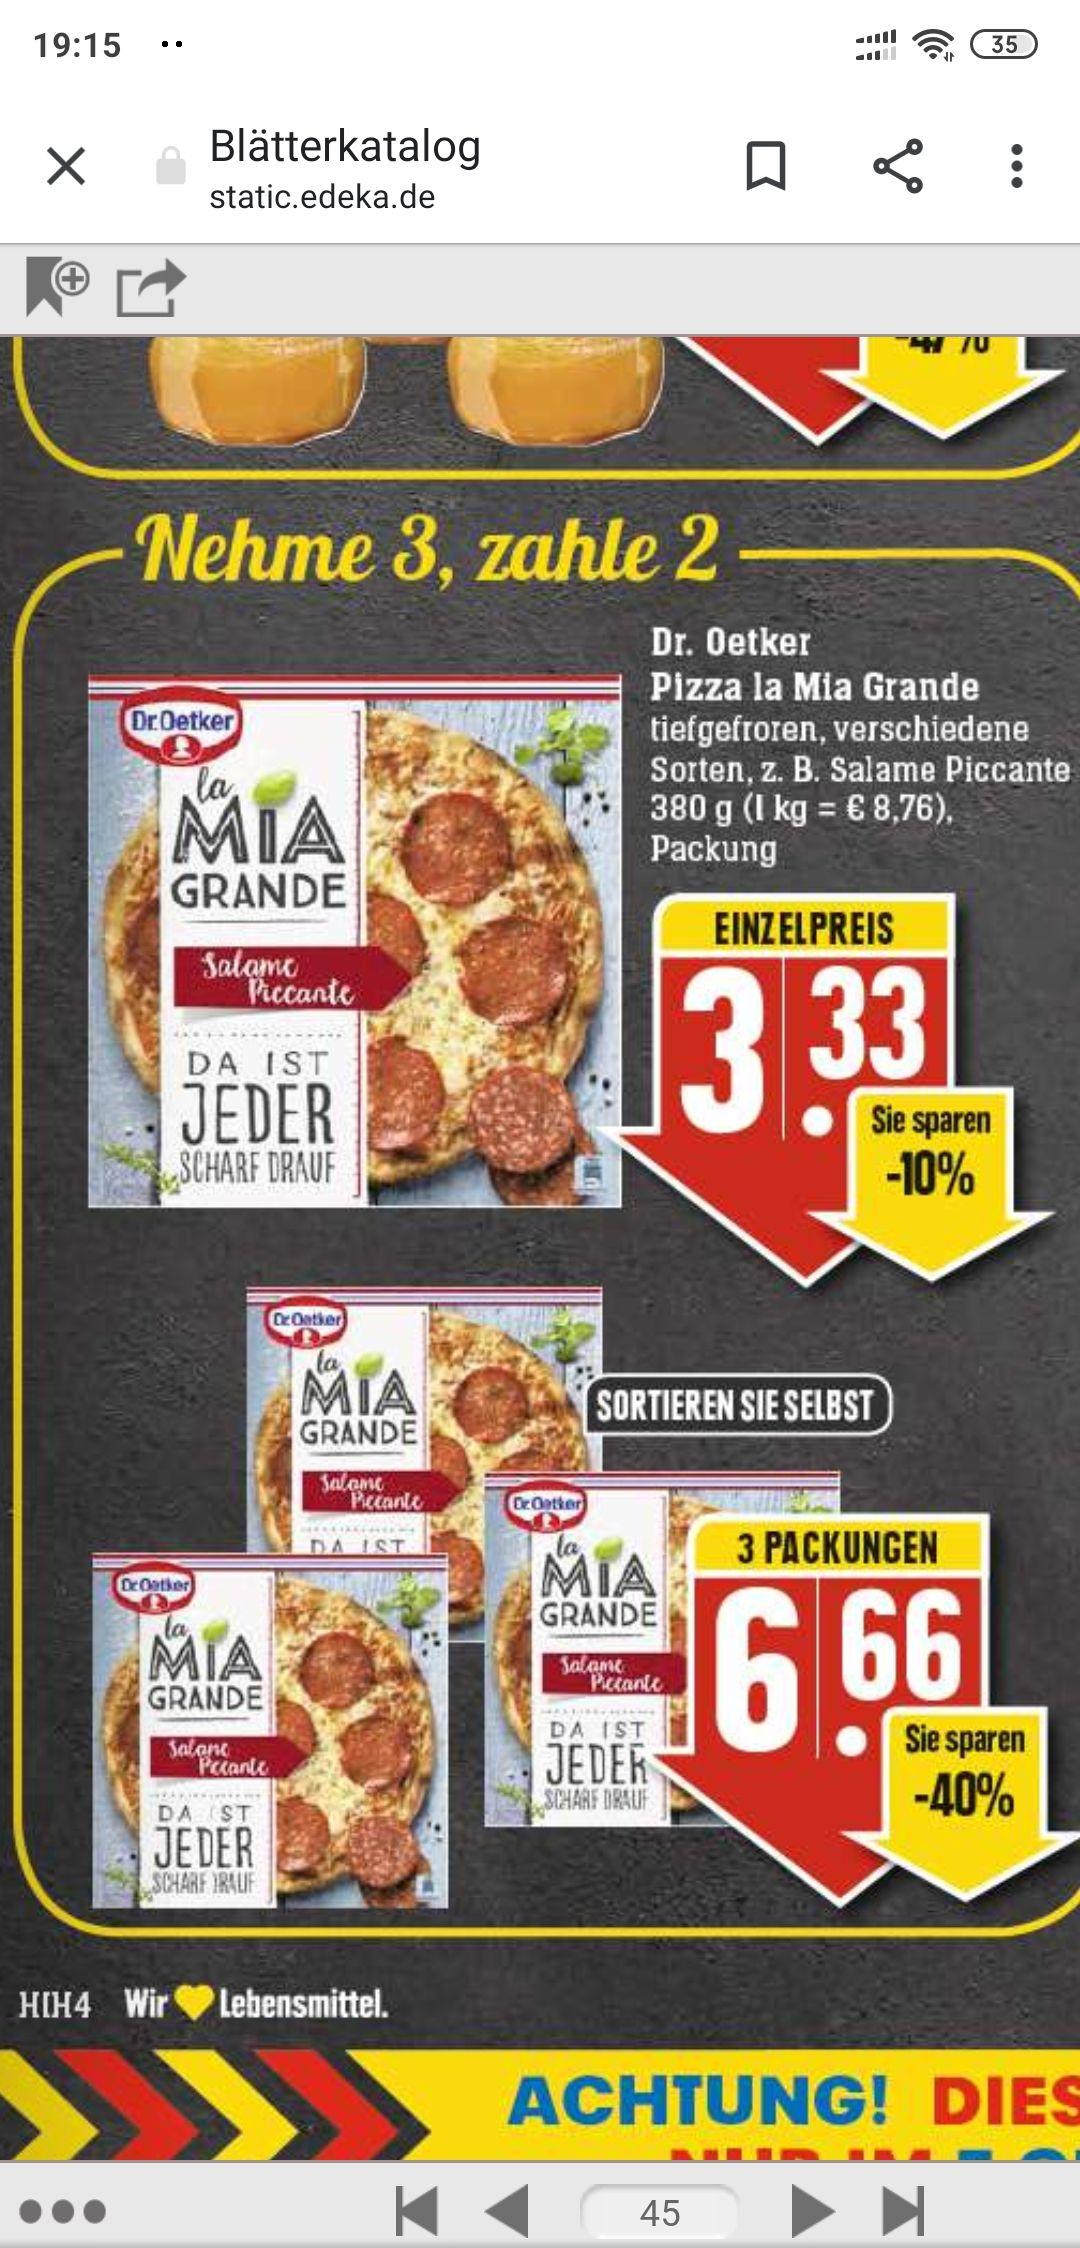 3x Mia Grande für 6,66€ (2,22€ je Pizza) in 88499 evtl. Bundesweit